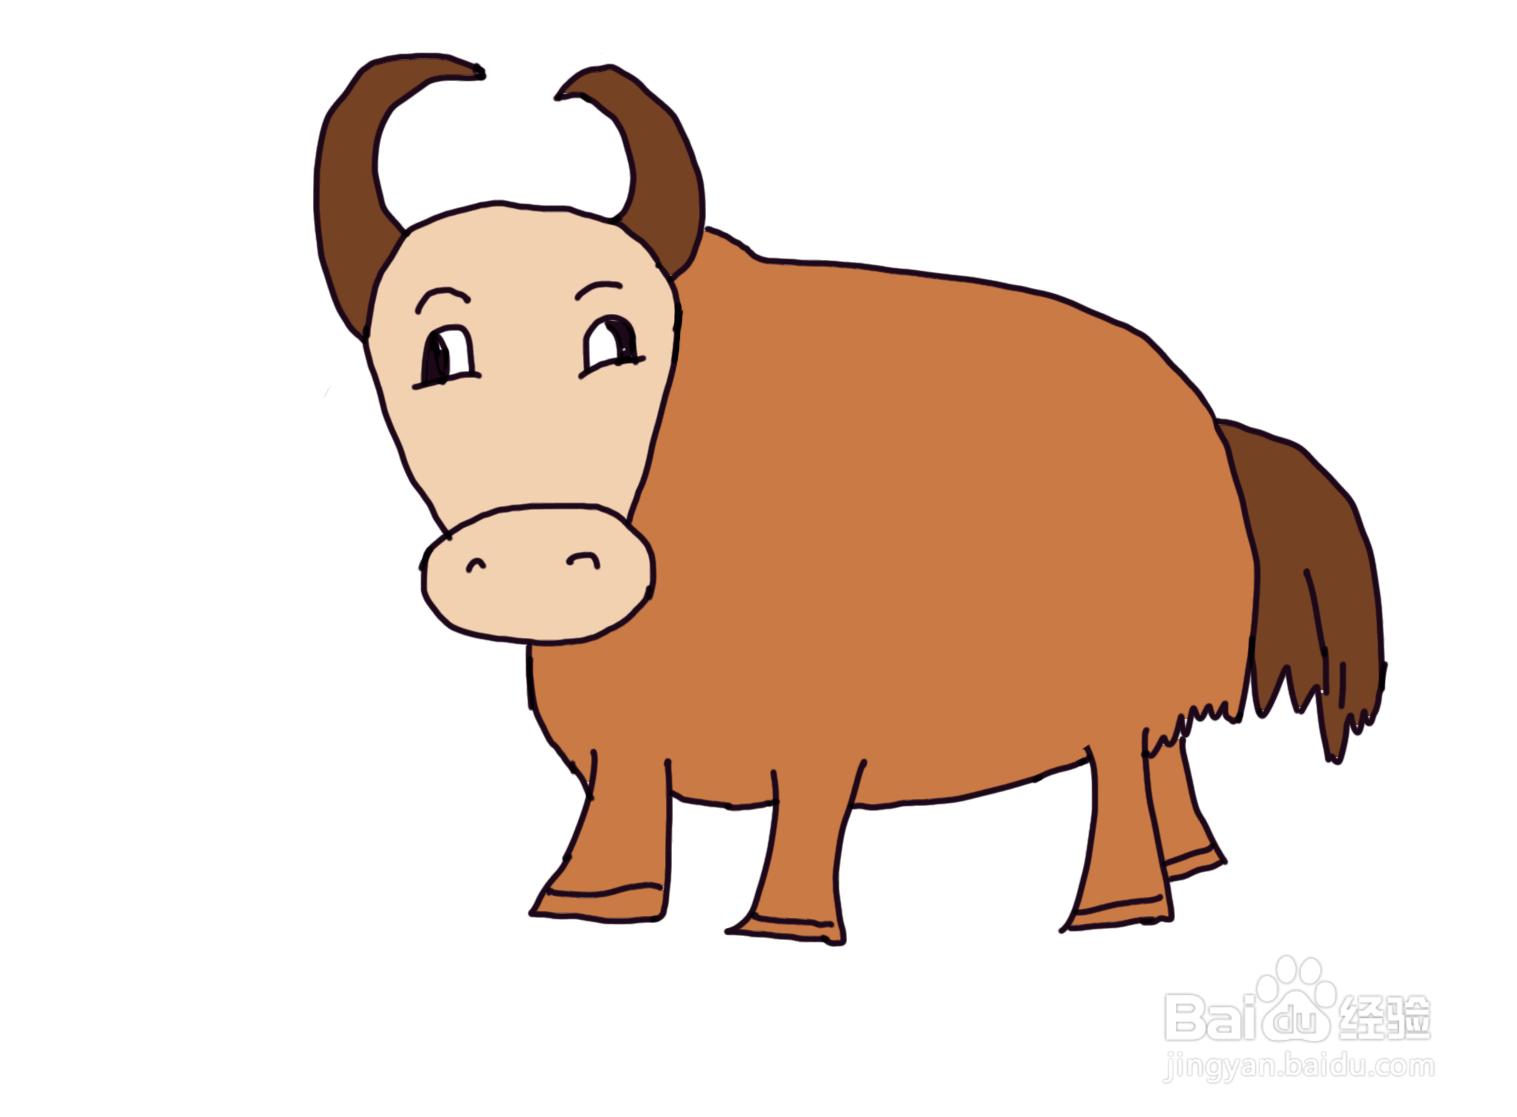 怎么画儿童彩色简笔画卡通动物小牛?